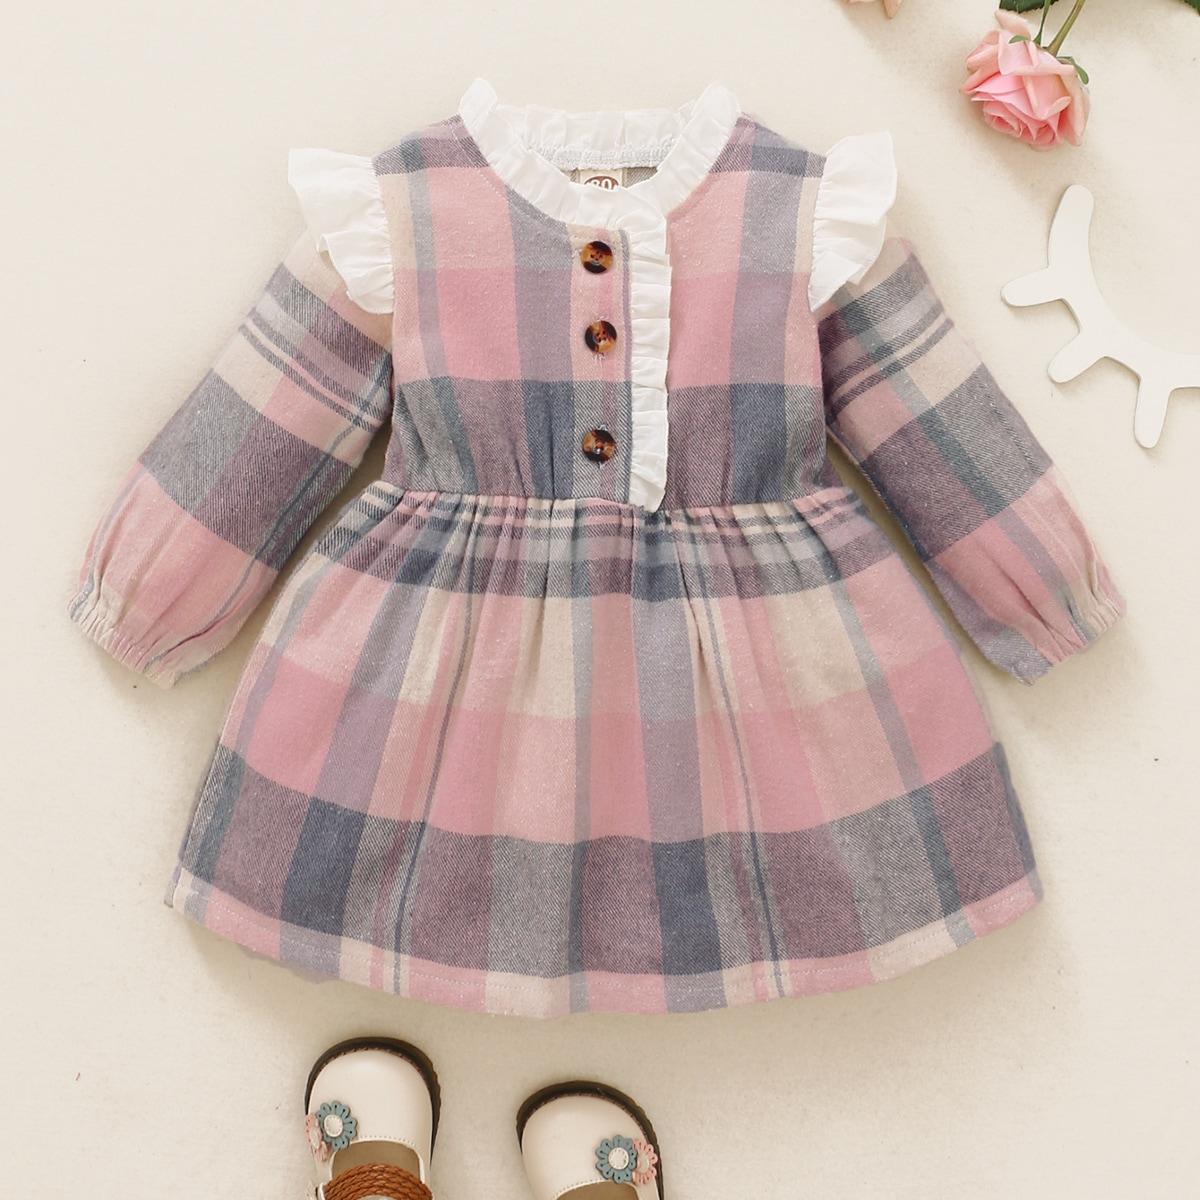 Kleid mit Karo Muster, Rüschen und halber Knopfleiste